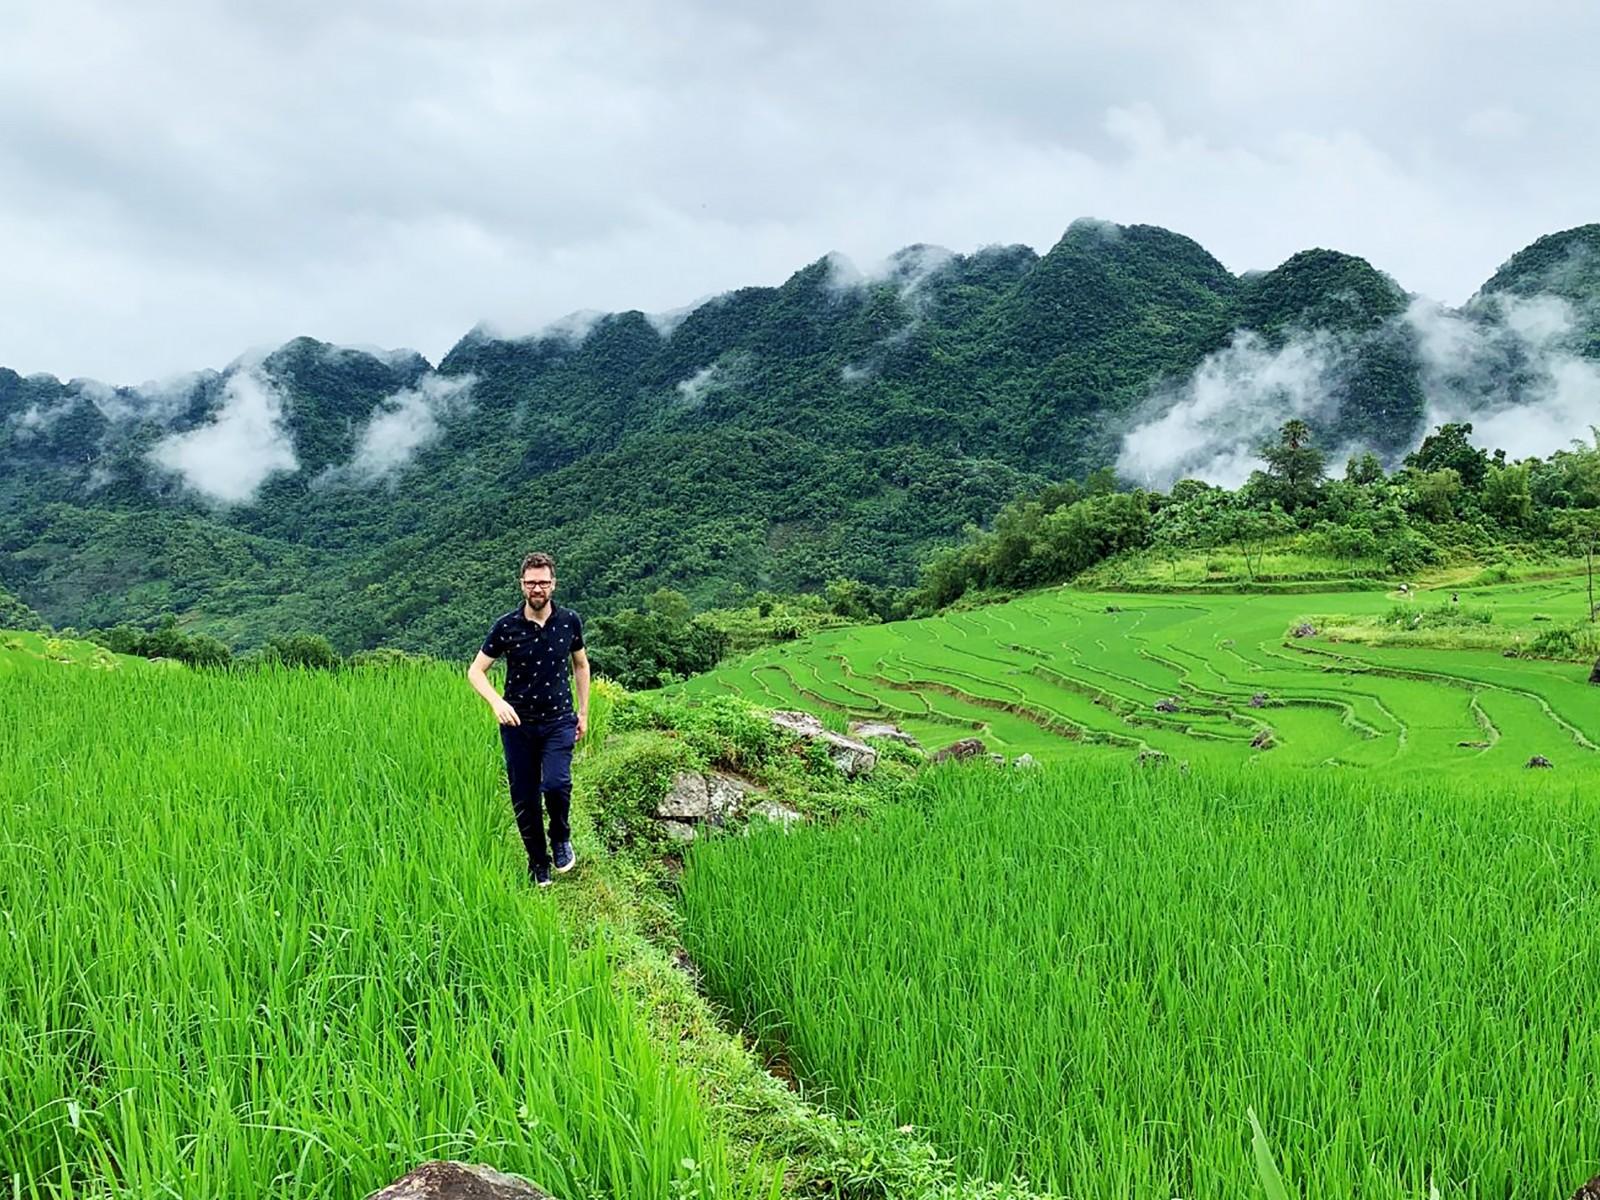 Vẻ đẹp thơ mộng của Pù Luông thu hút nhiều du khách quốc tế.